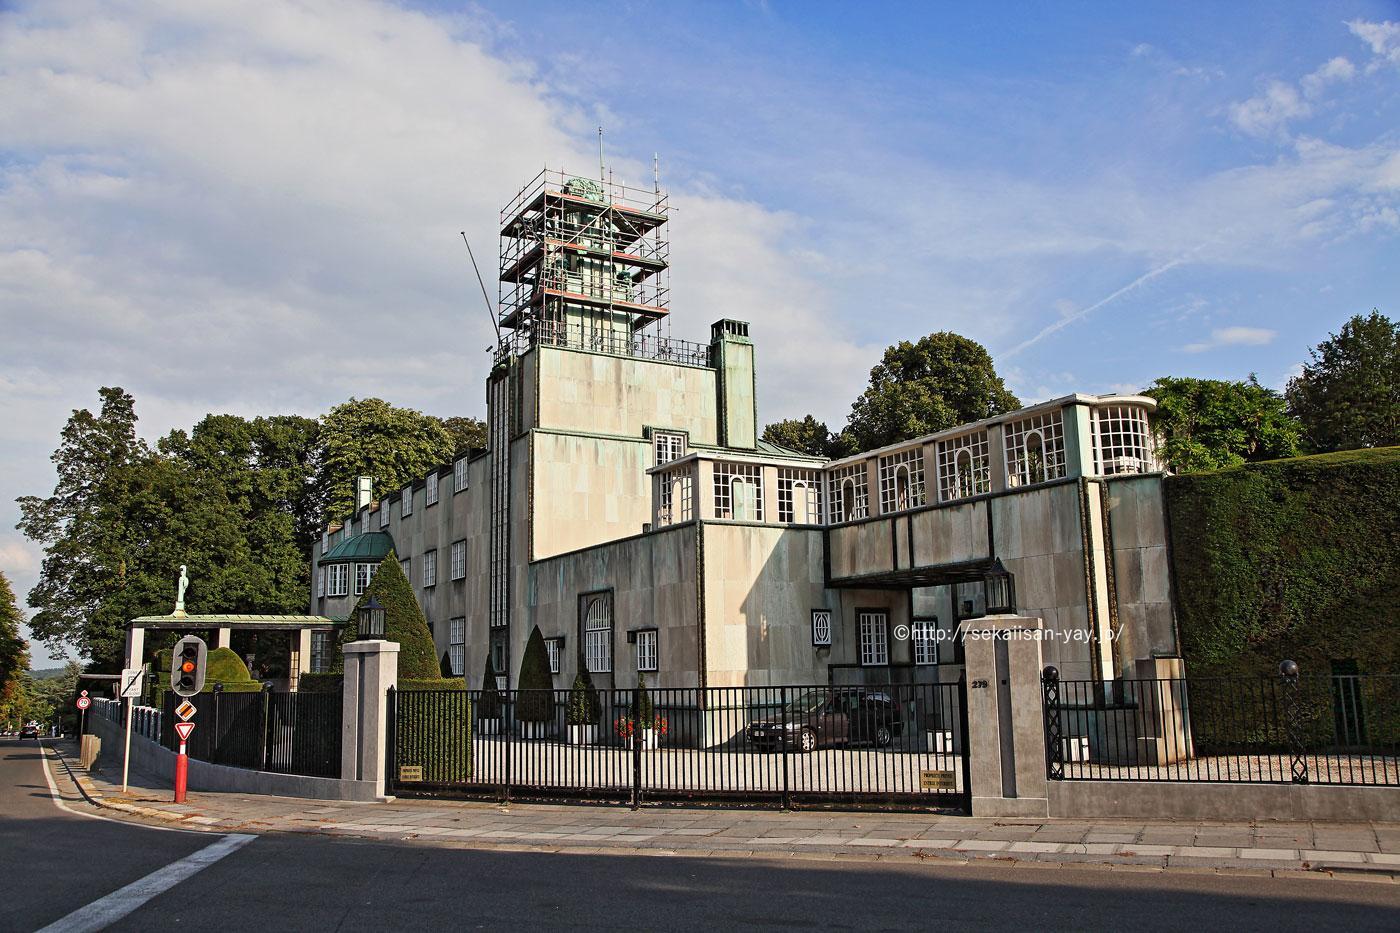 ベルギーの世界遺産「ストックレー邸」